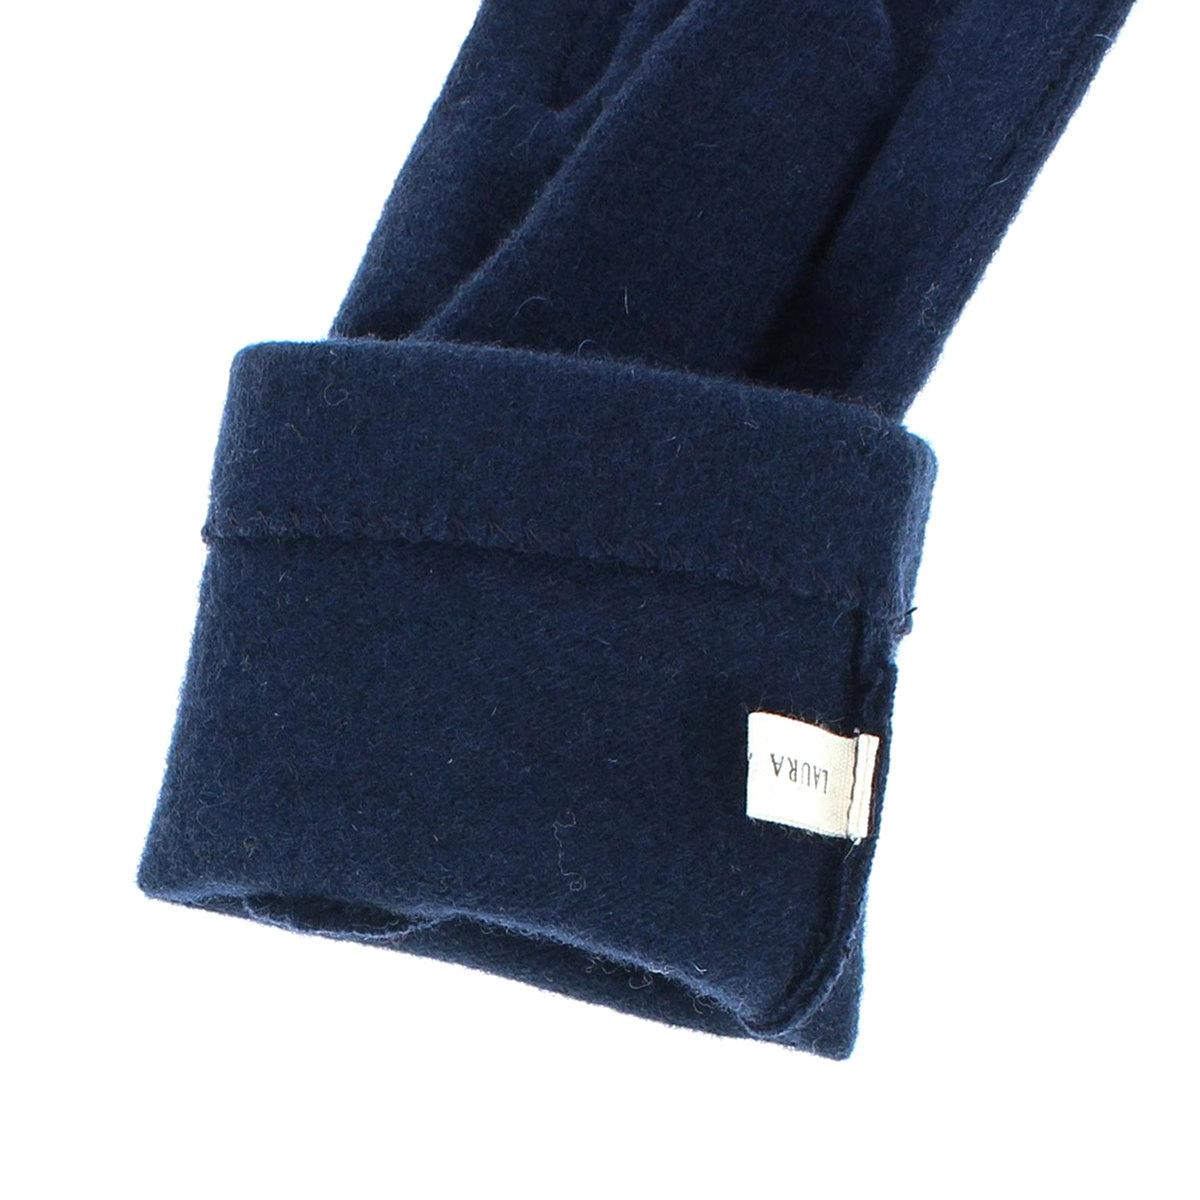 ローラアシュレイ 人気ブランド レディース ジャージ手袋 タッチパネル スマホ対応 可愛い ガーリーデザイン 秋冬 五本指手袋